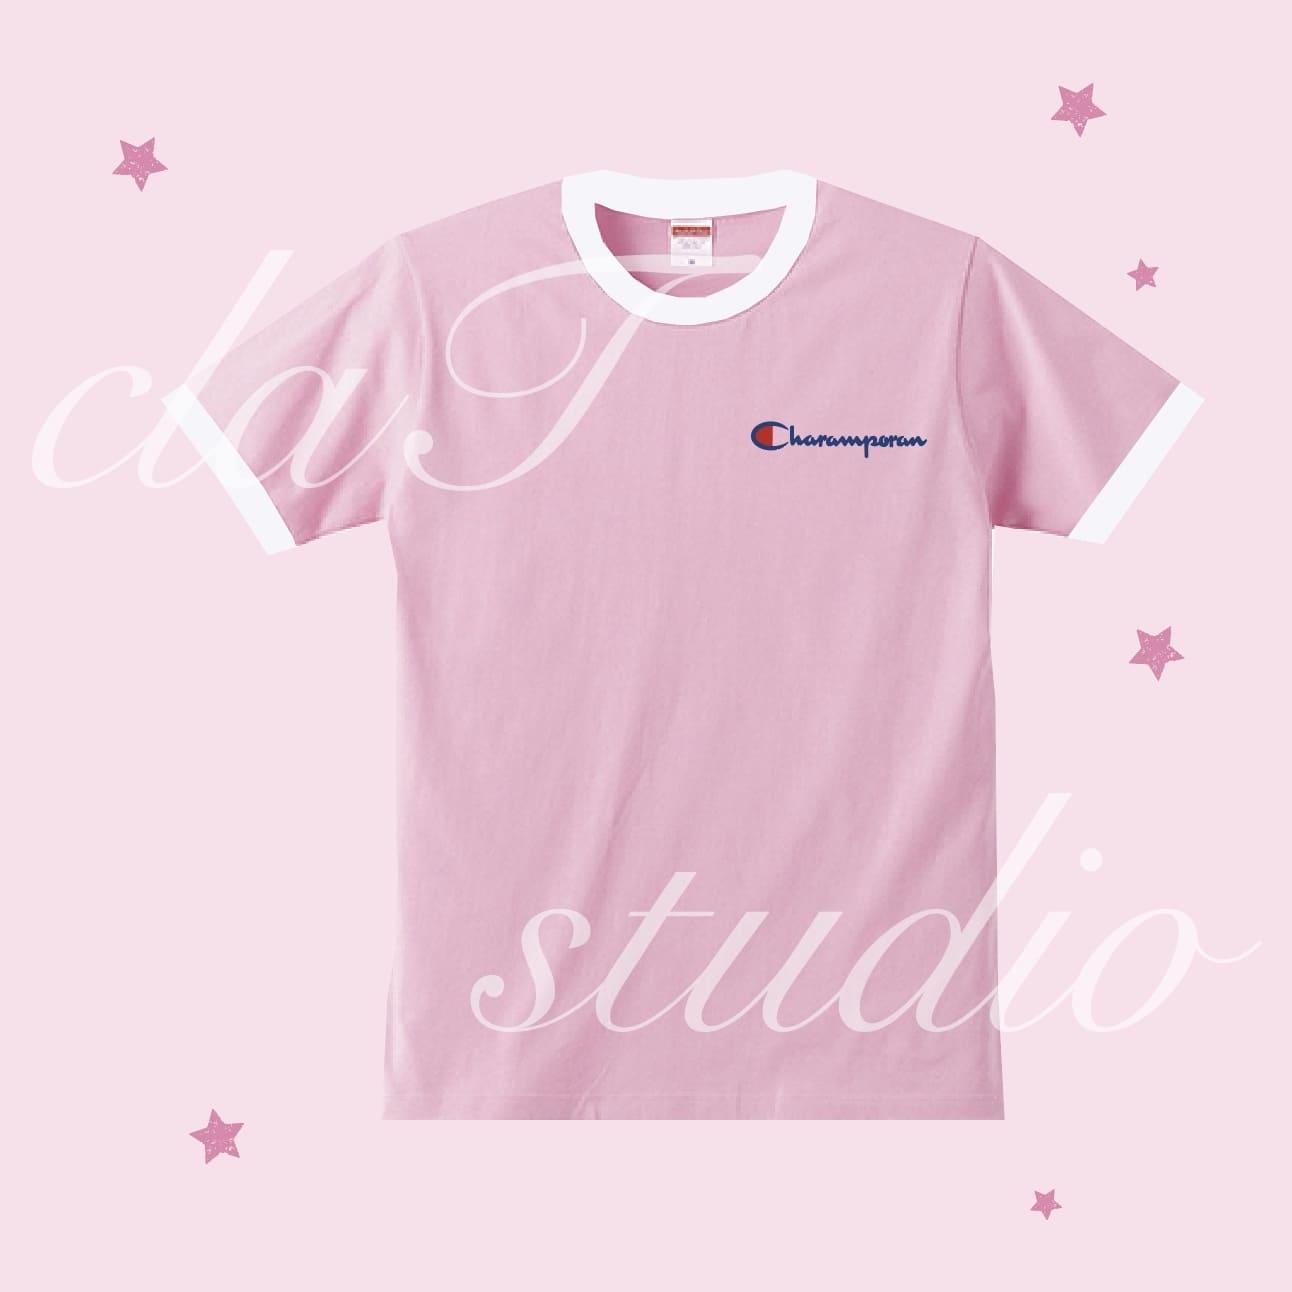 チャンピオン_design_0003